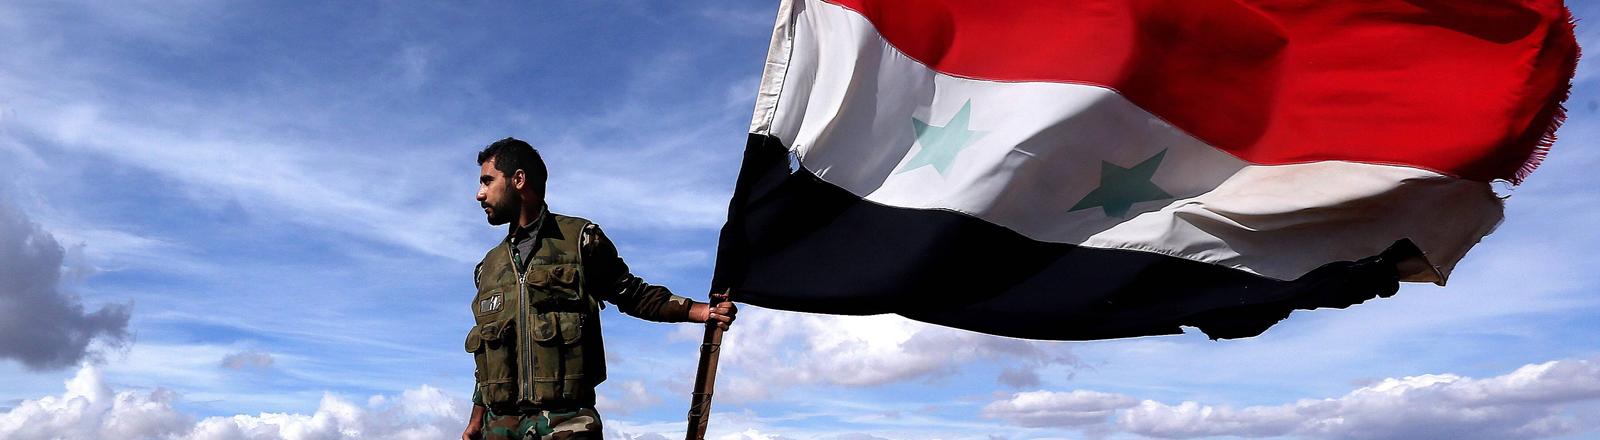 Ein Soldat der syrischen Regierung mit der Nationalflagge.